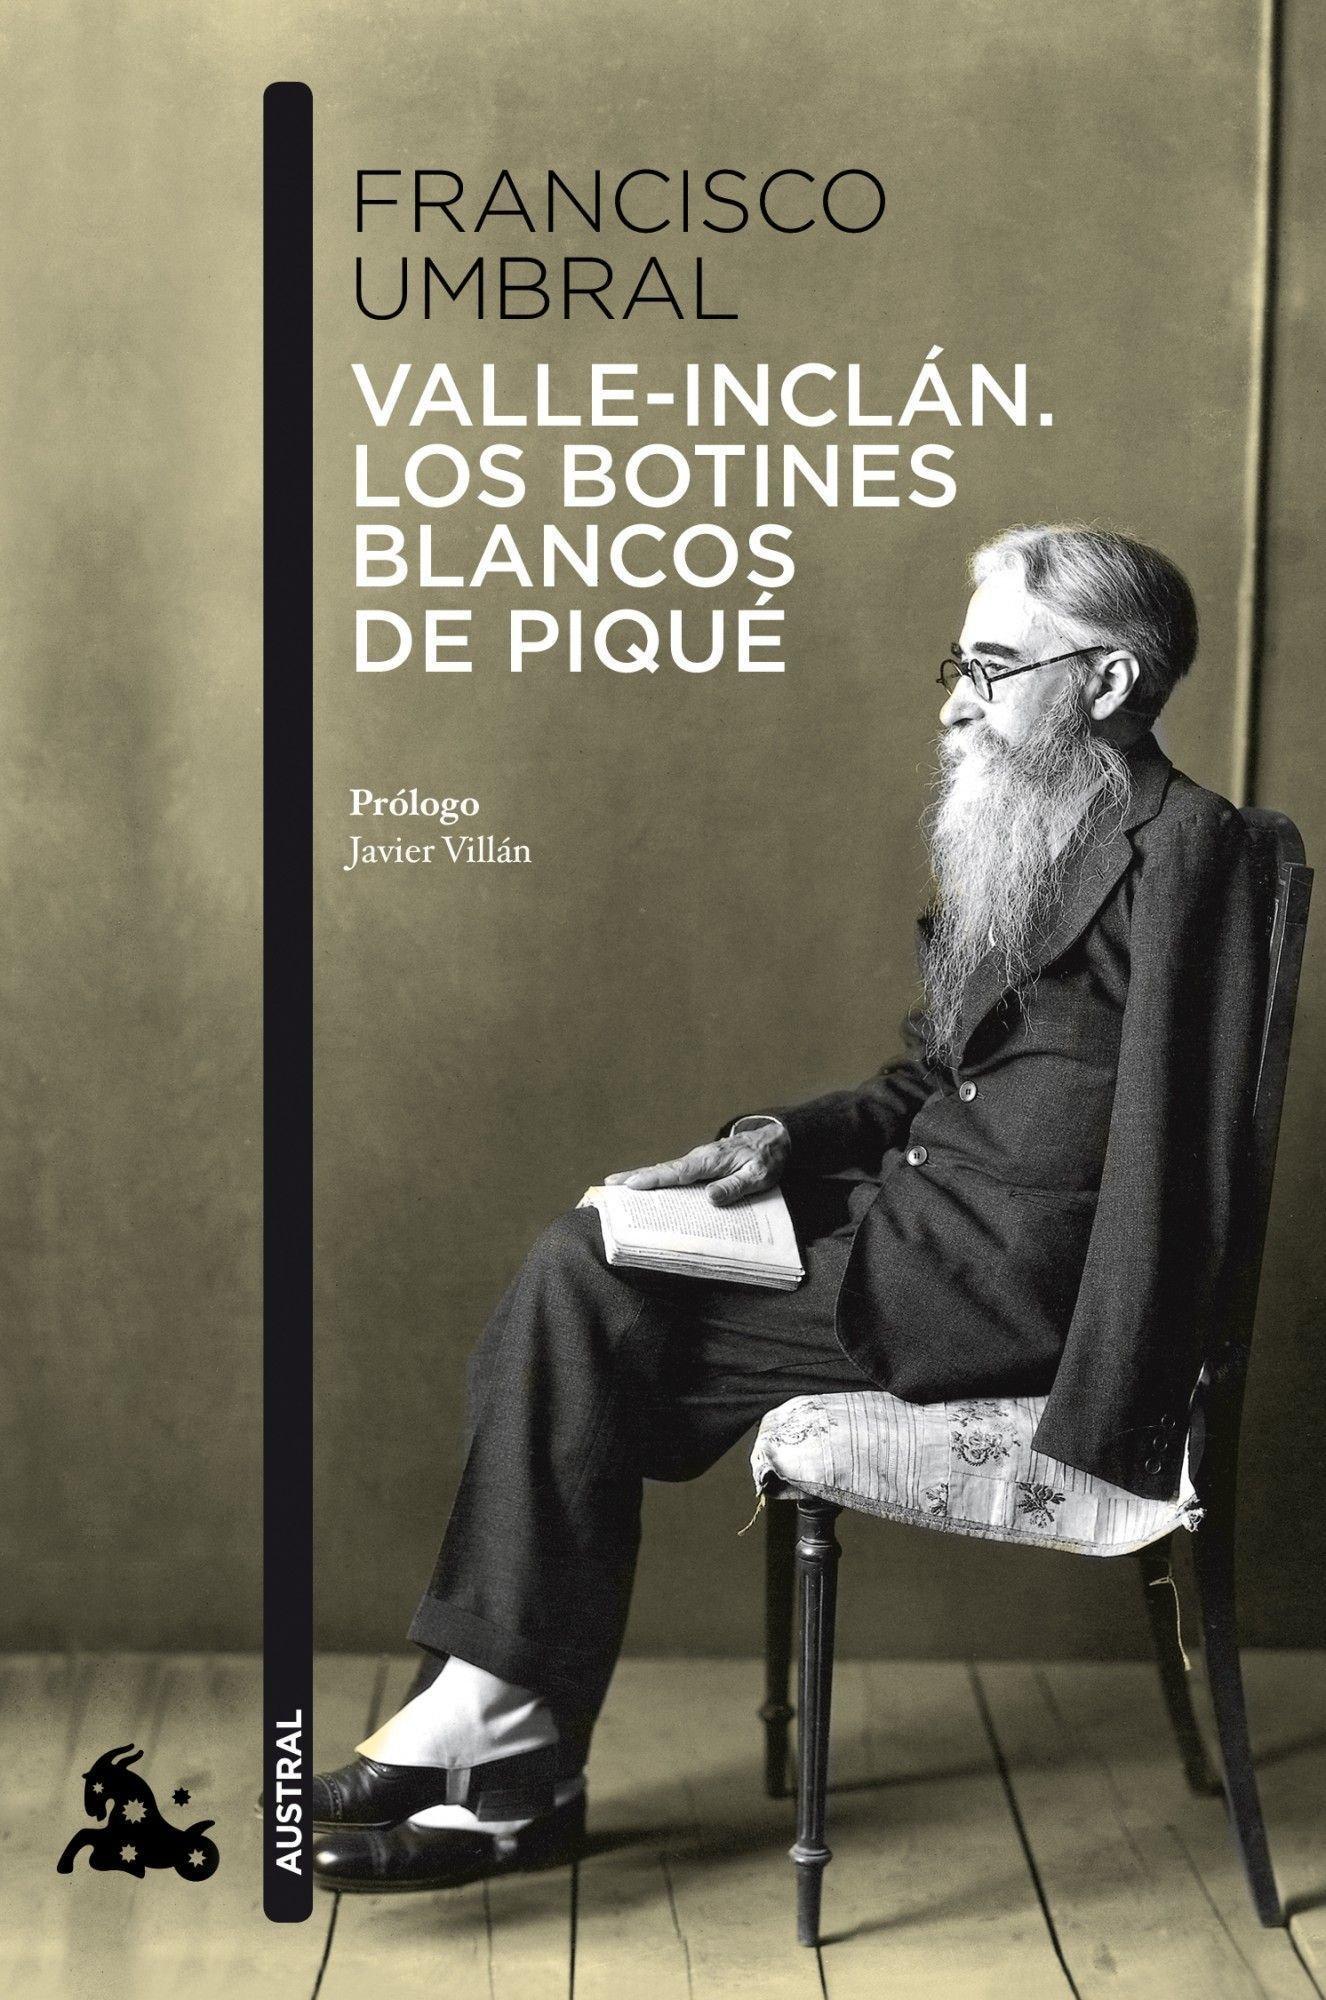 Valle-Inclán. Los botines blancos de piqué Humanidades: Amazon.es: Francisco Umbral: Libros